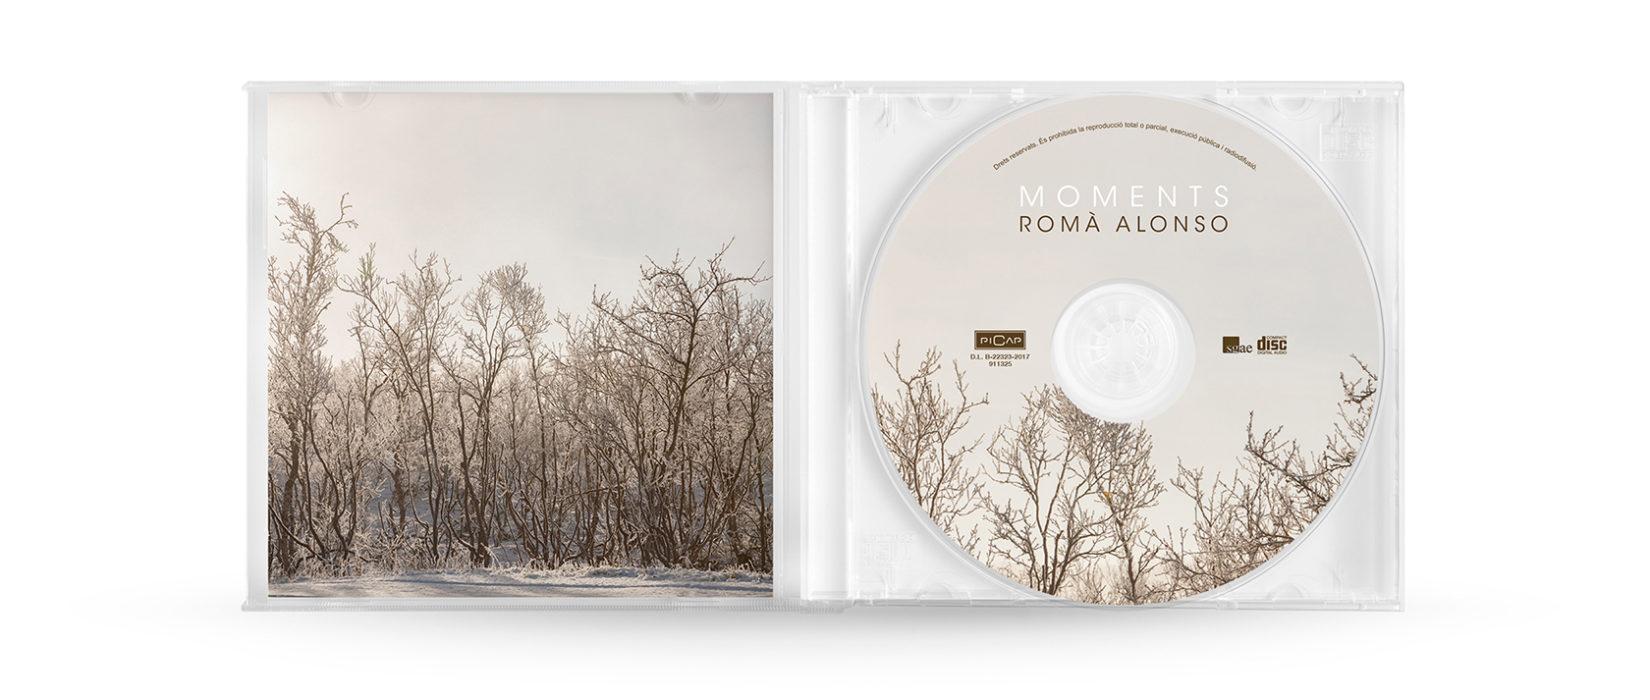 03_roma_alonso